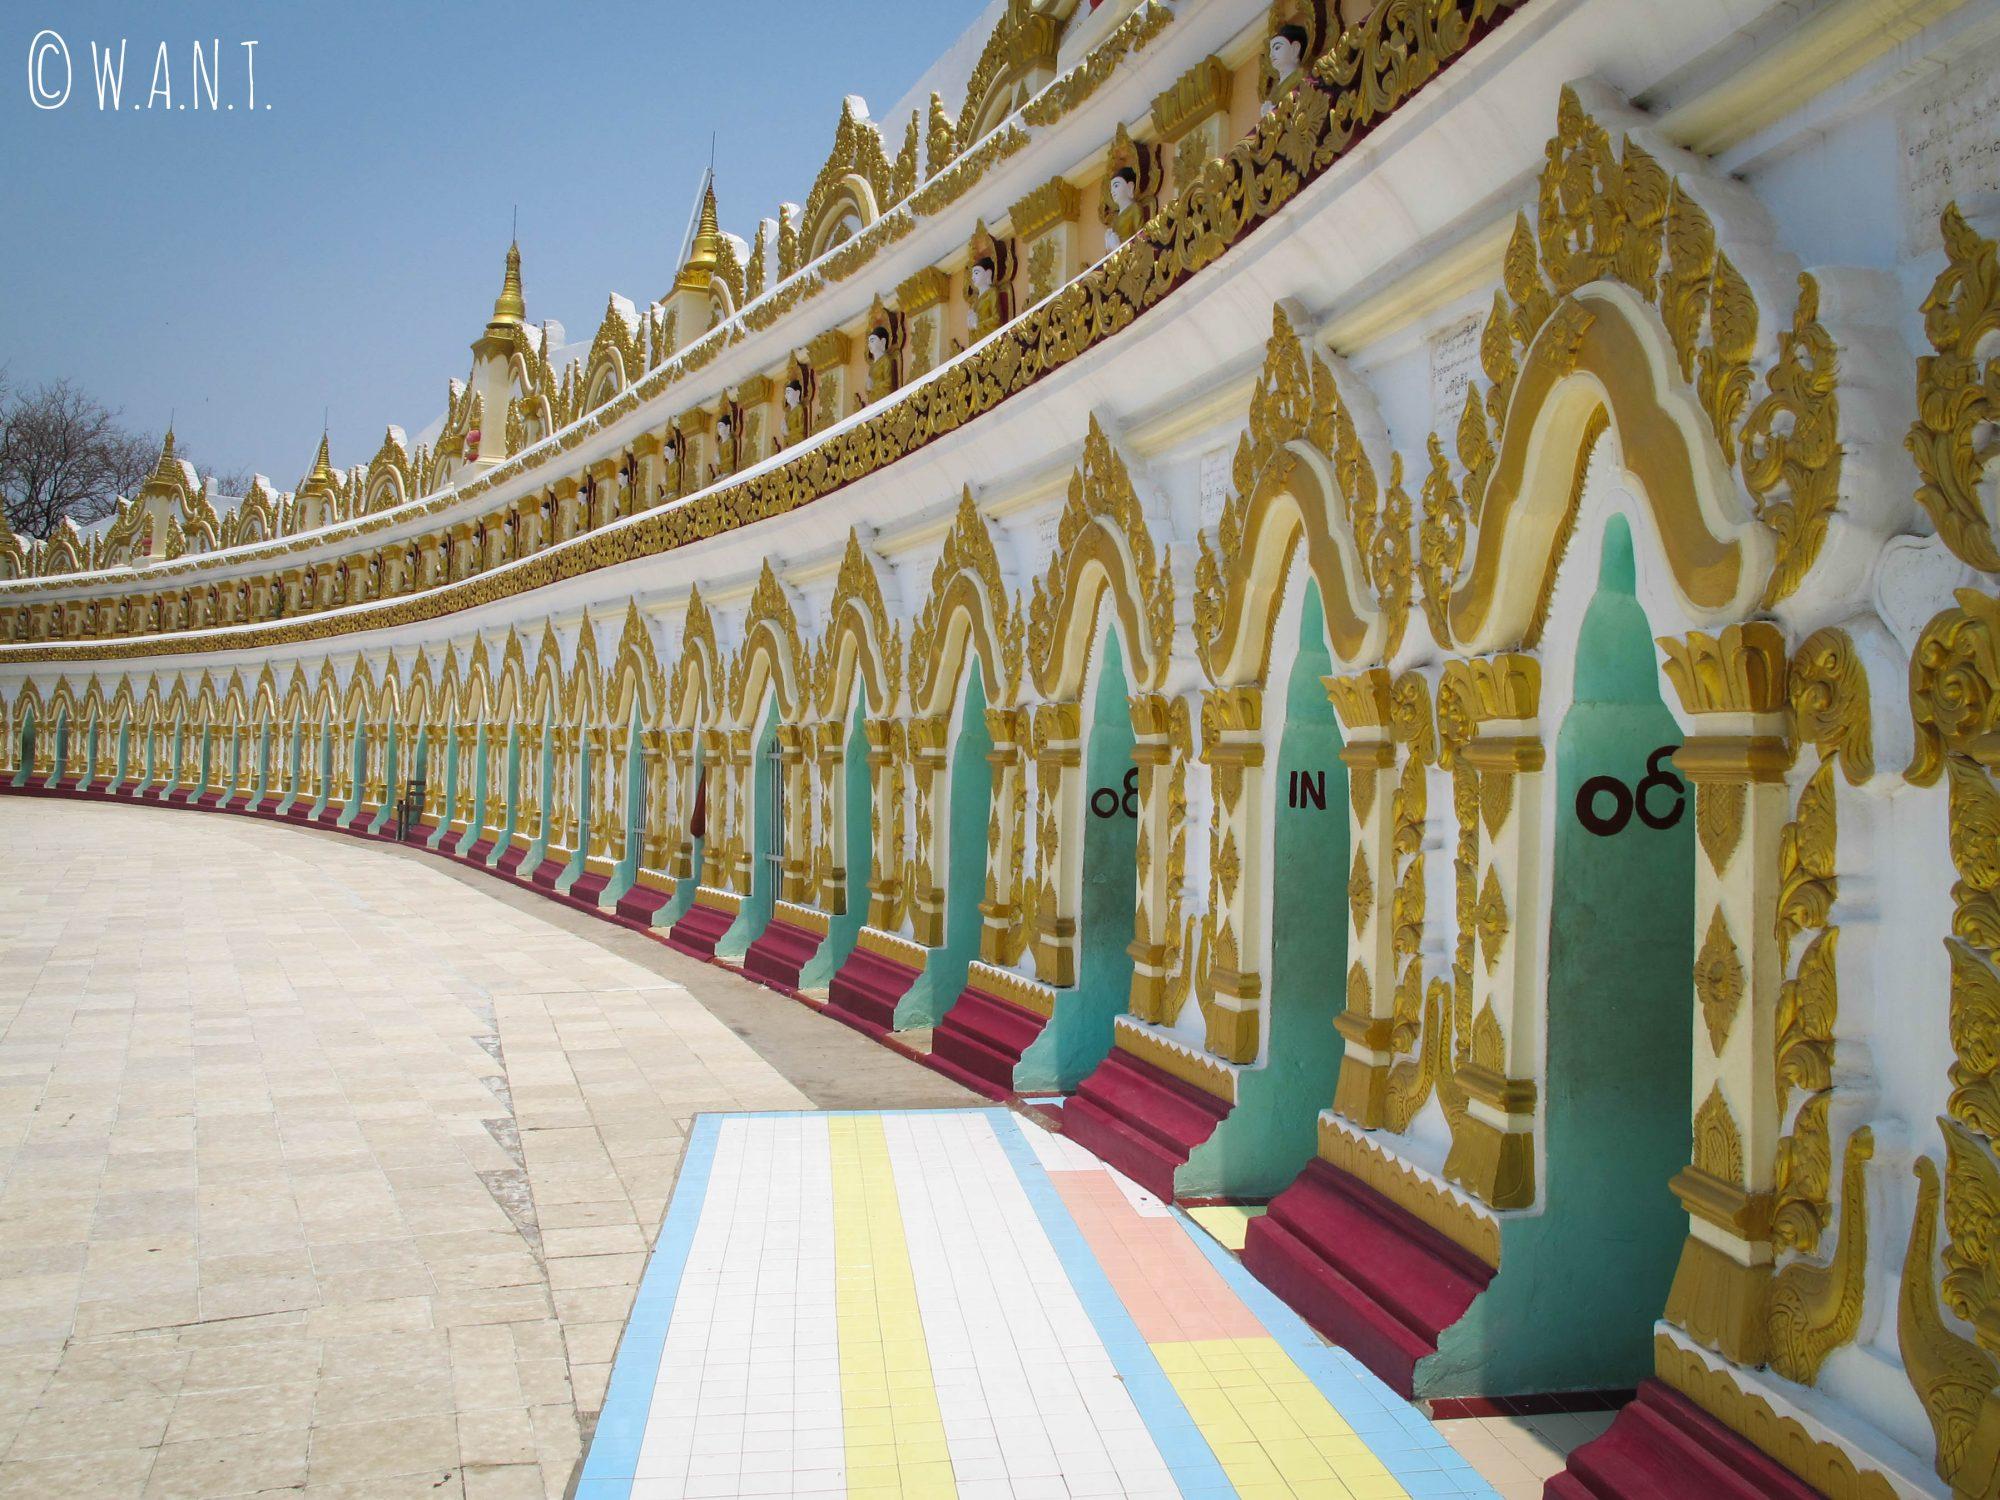 Vue extérieure de la pagode U Min